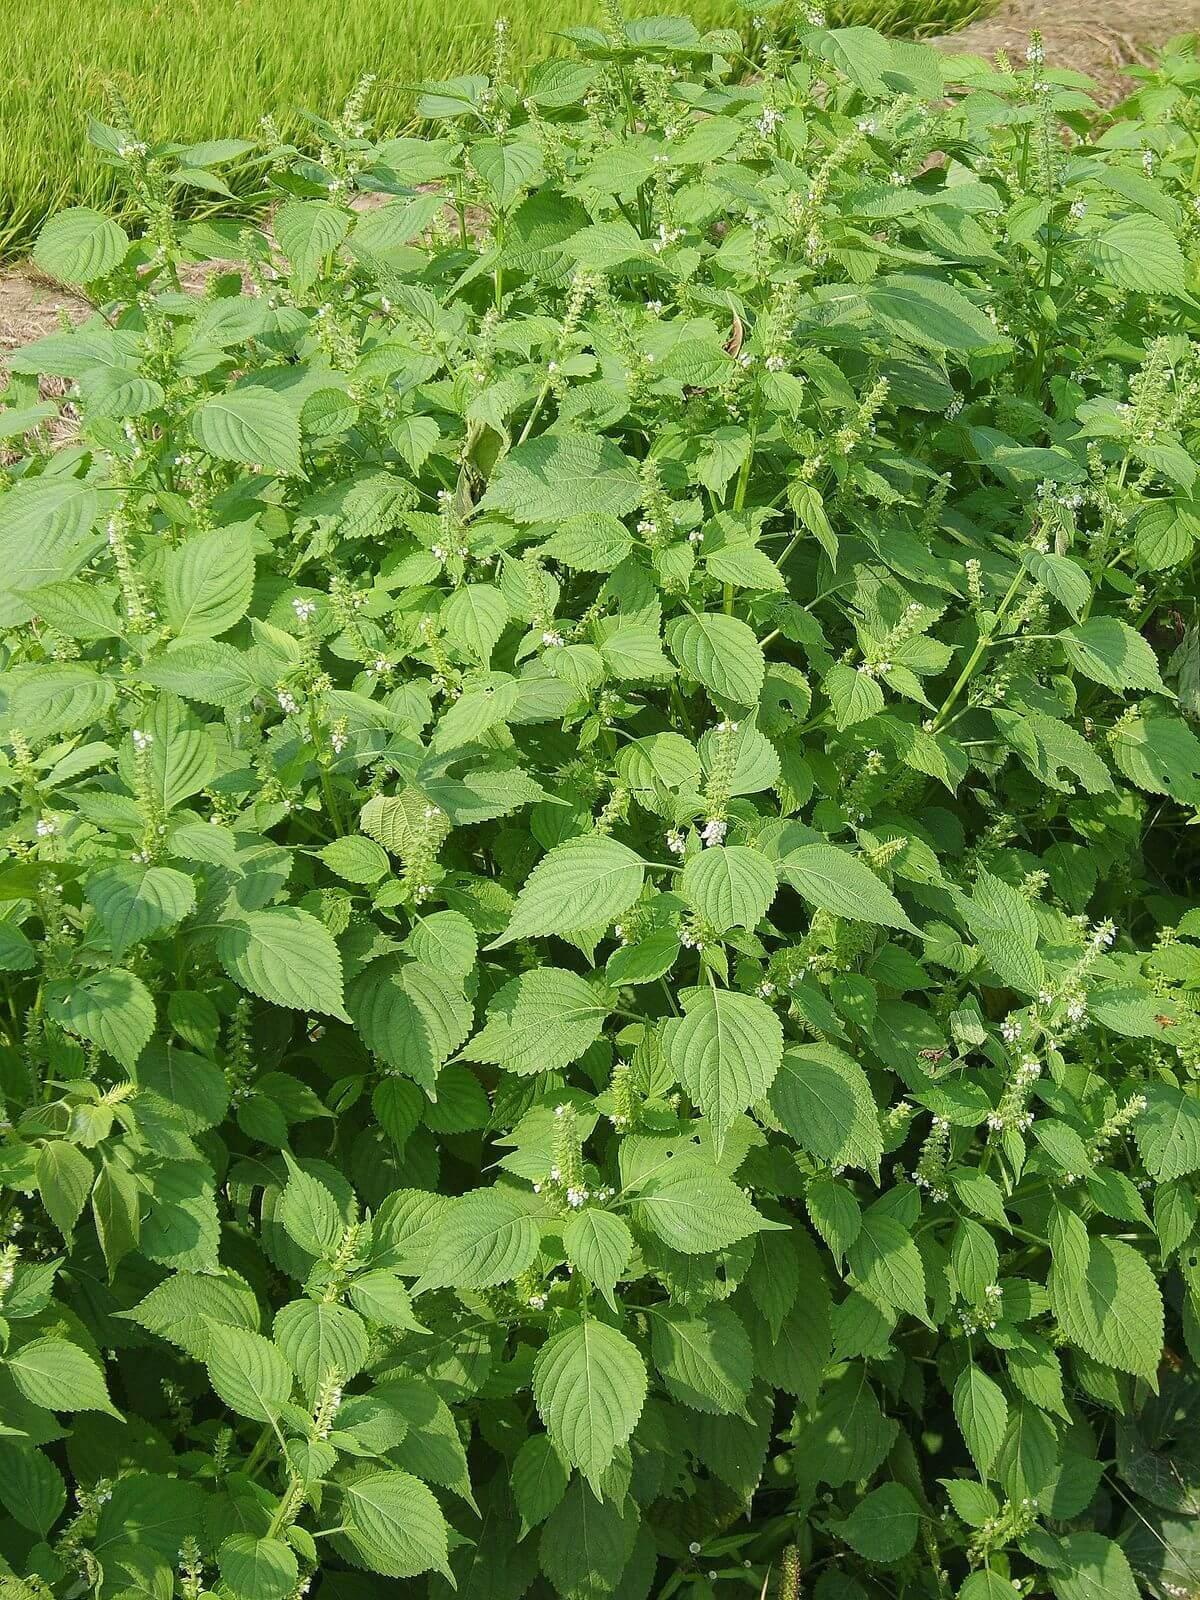 Perilla (Perilla frutescens) Green Variant